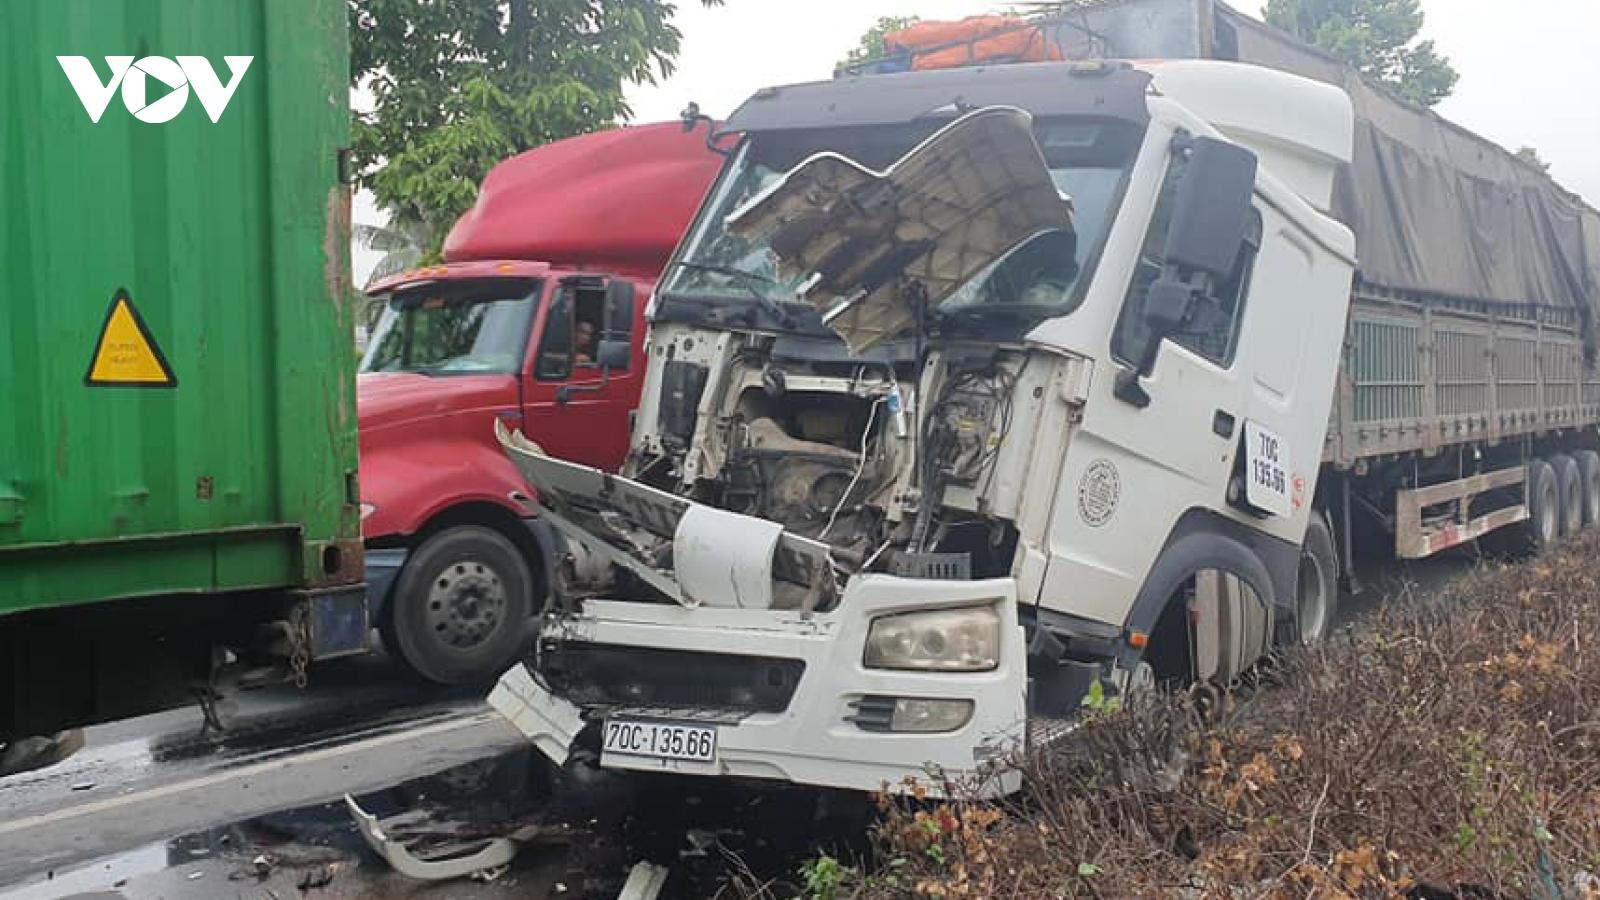 Tai nạn giao thông liên hoàn gây kẹt xe hàng giờ tại Bình Phước, Bình Dương